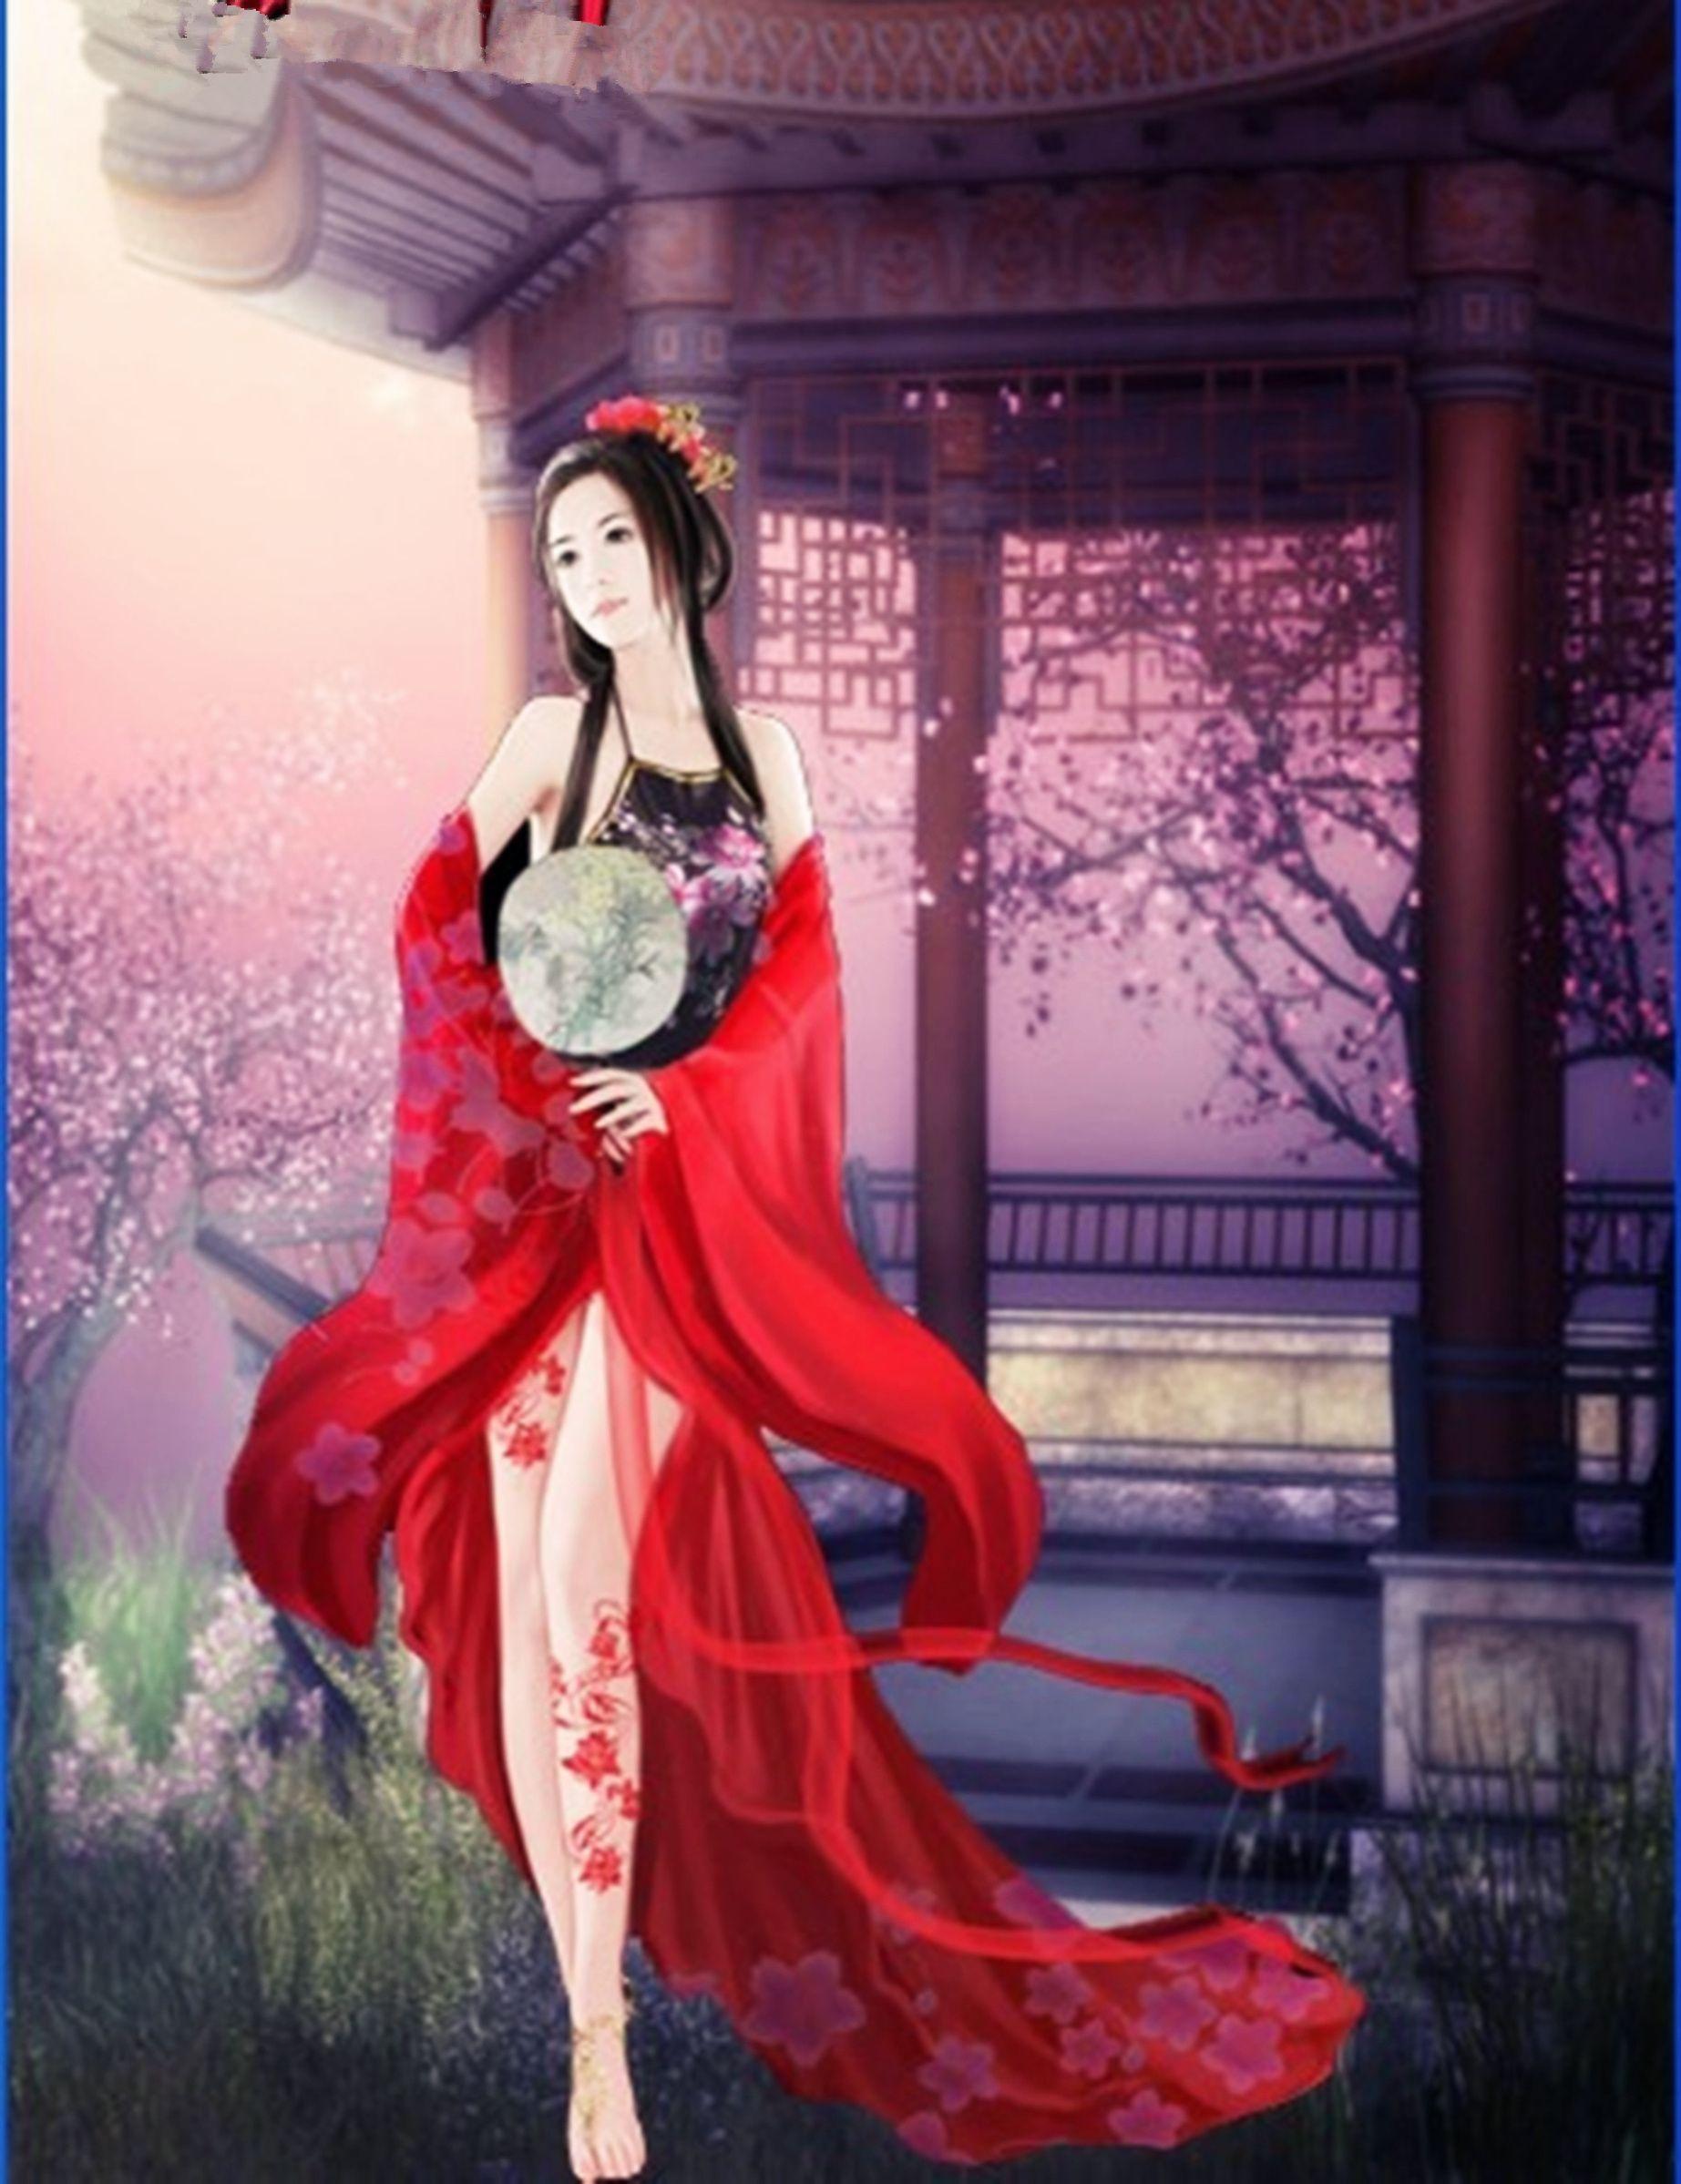 求一张红色古装女子手绘图,身旁有一个男子的